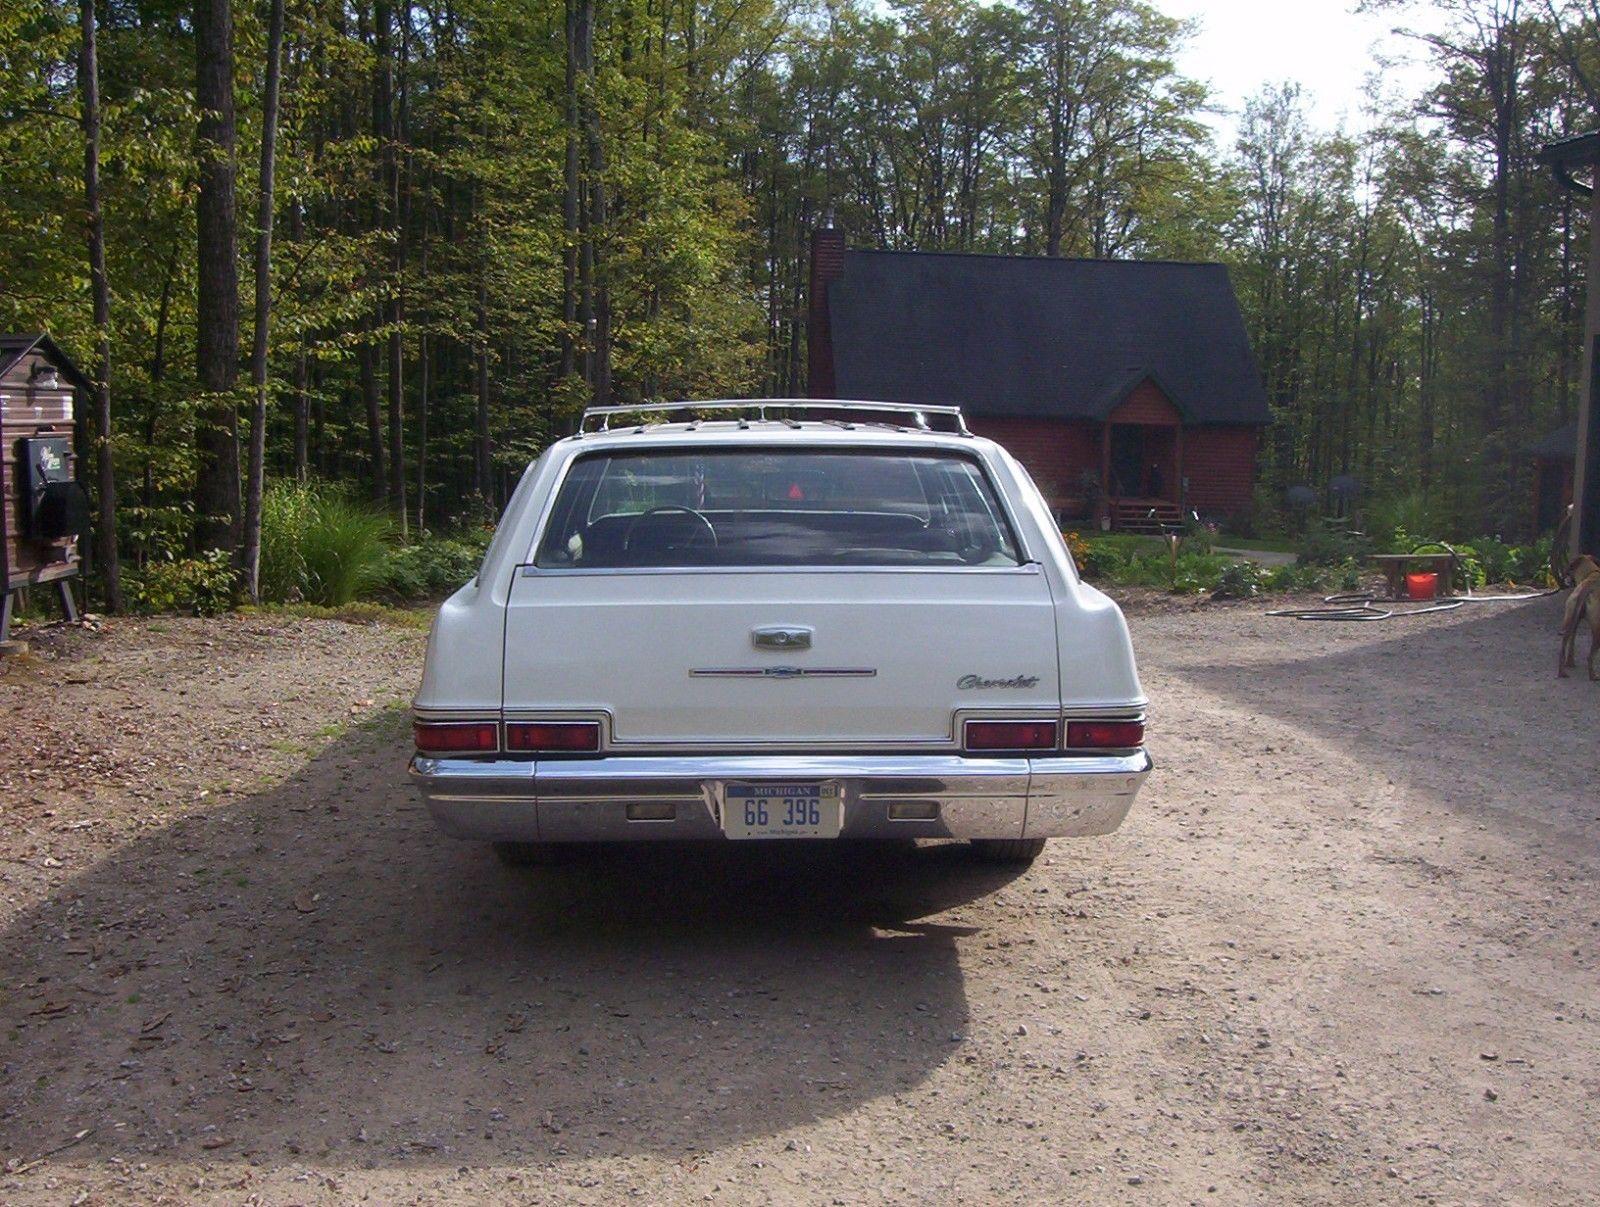 1966-Chevrolet-Impala-Wagon-396-rear